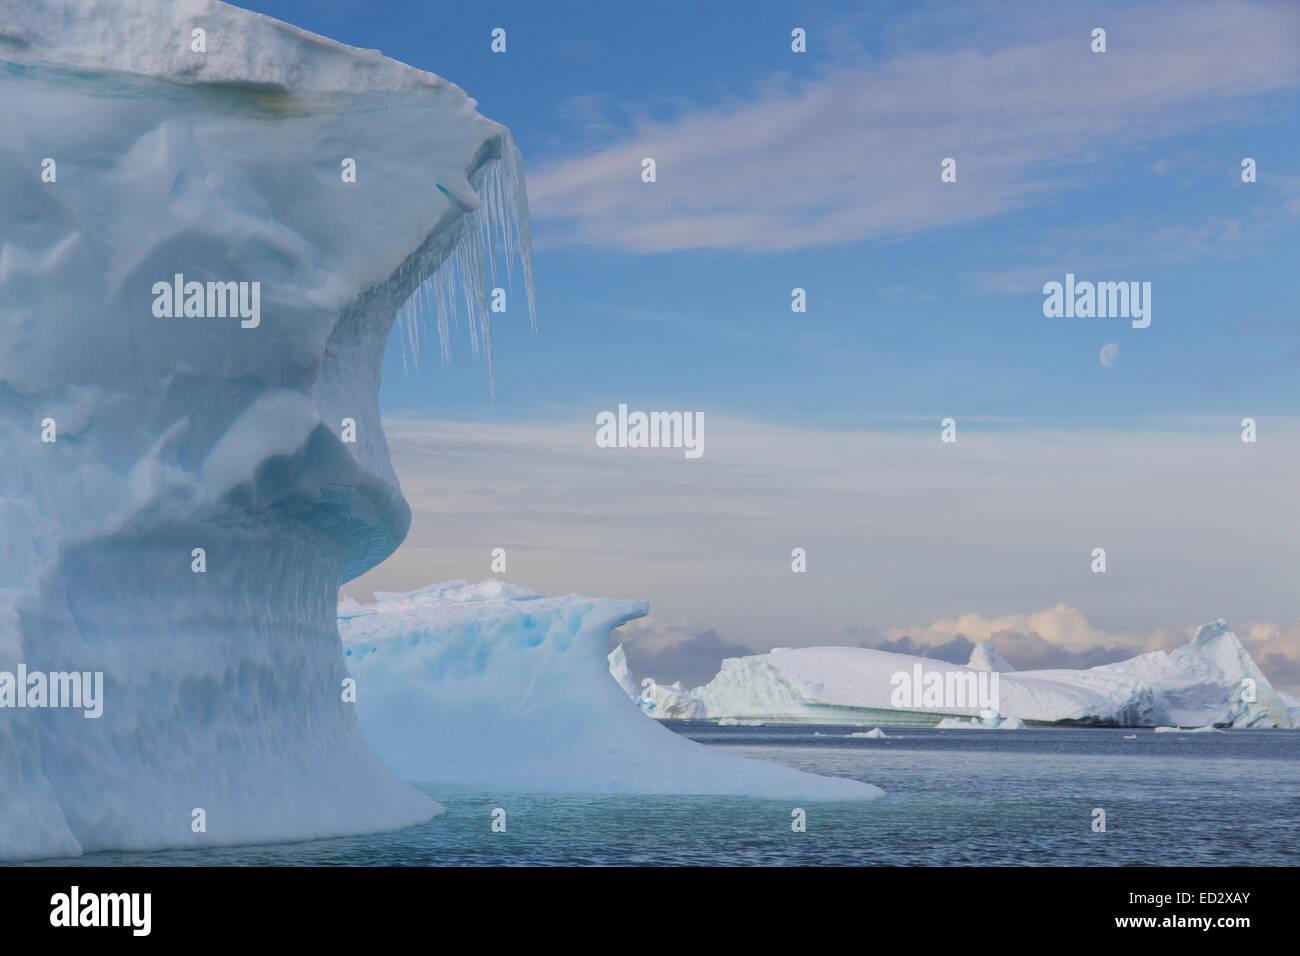 Cimetière près de l'Île Petermann Iceberg, l'Antarctique. Photo Stock